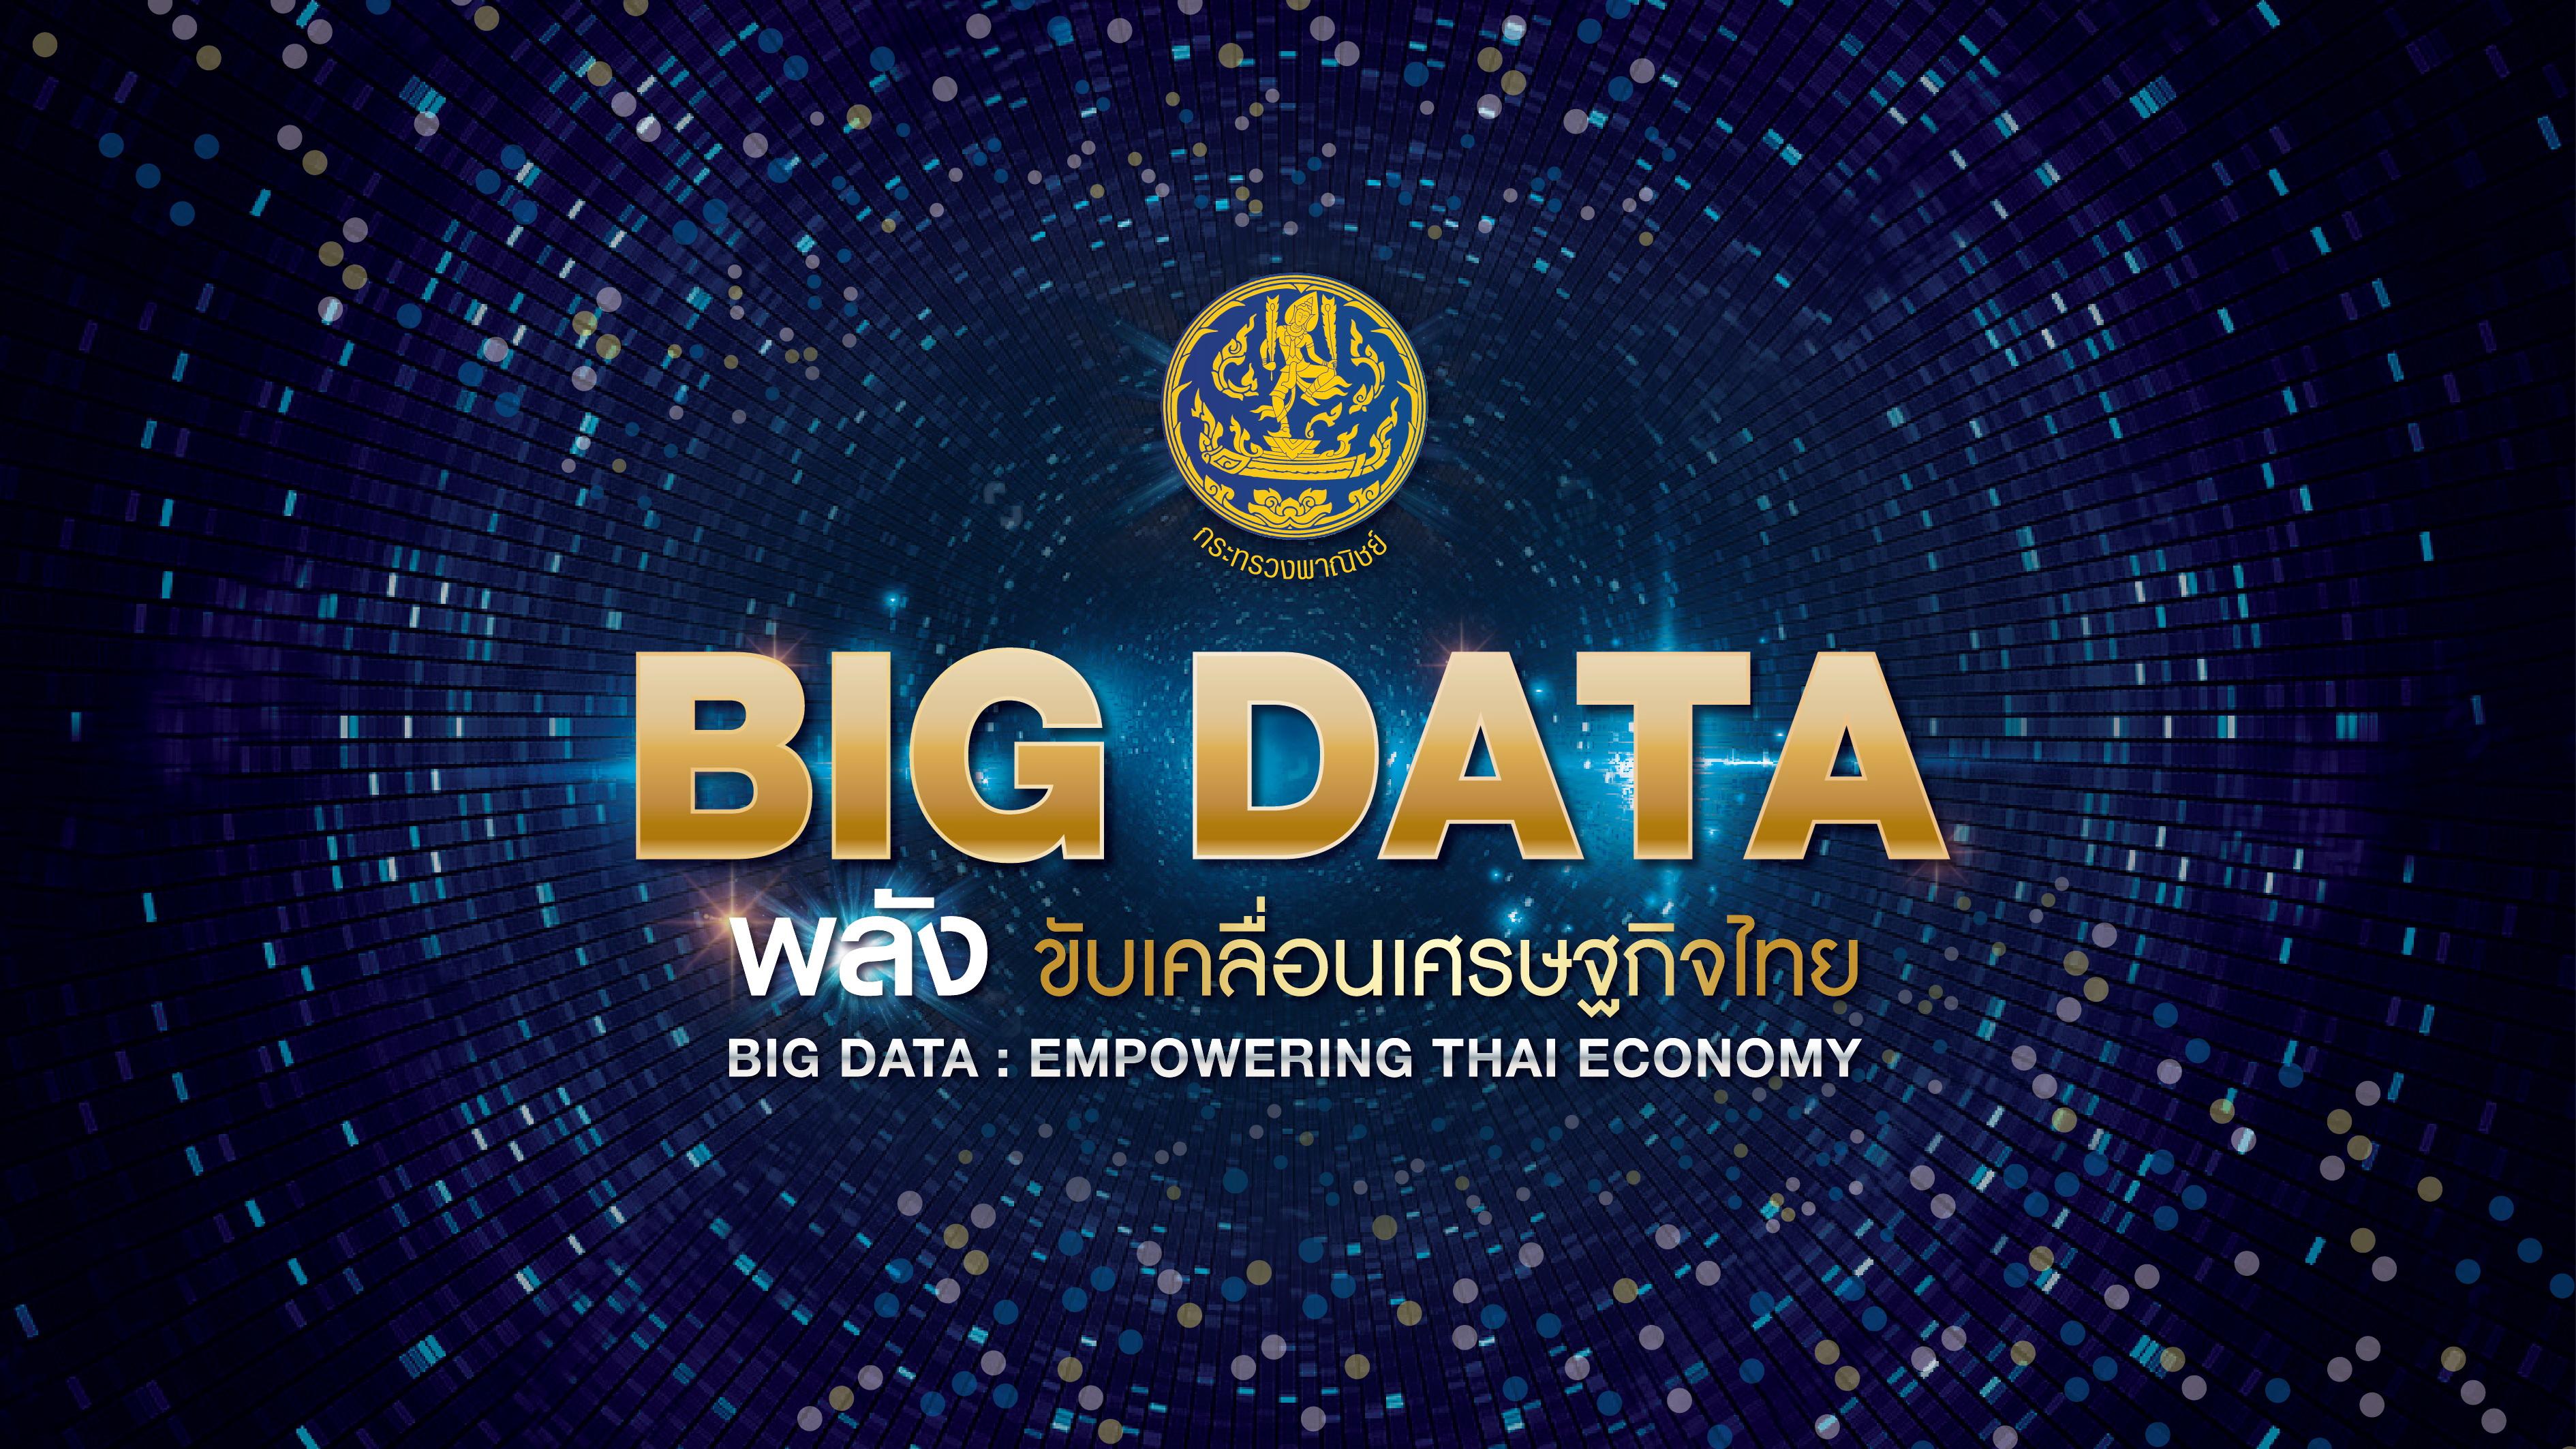 กระทรวงพาณิชย์เปิดตัวBig Data พลังขับเคลื่อนเศรษฐกิจไทย (BIG DATA: EMPOWERING THAI ECONOMY)